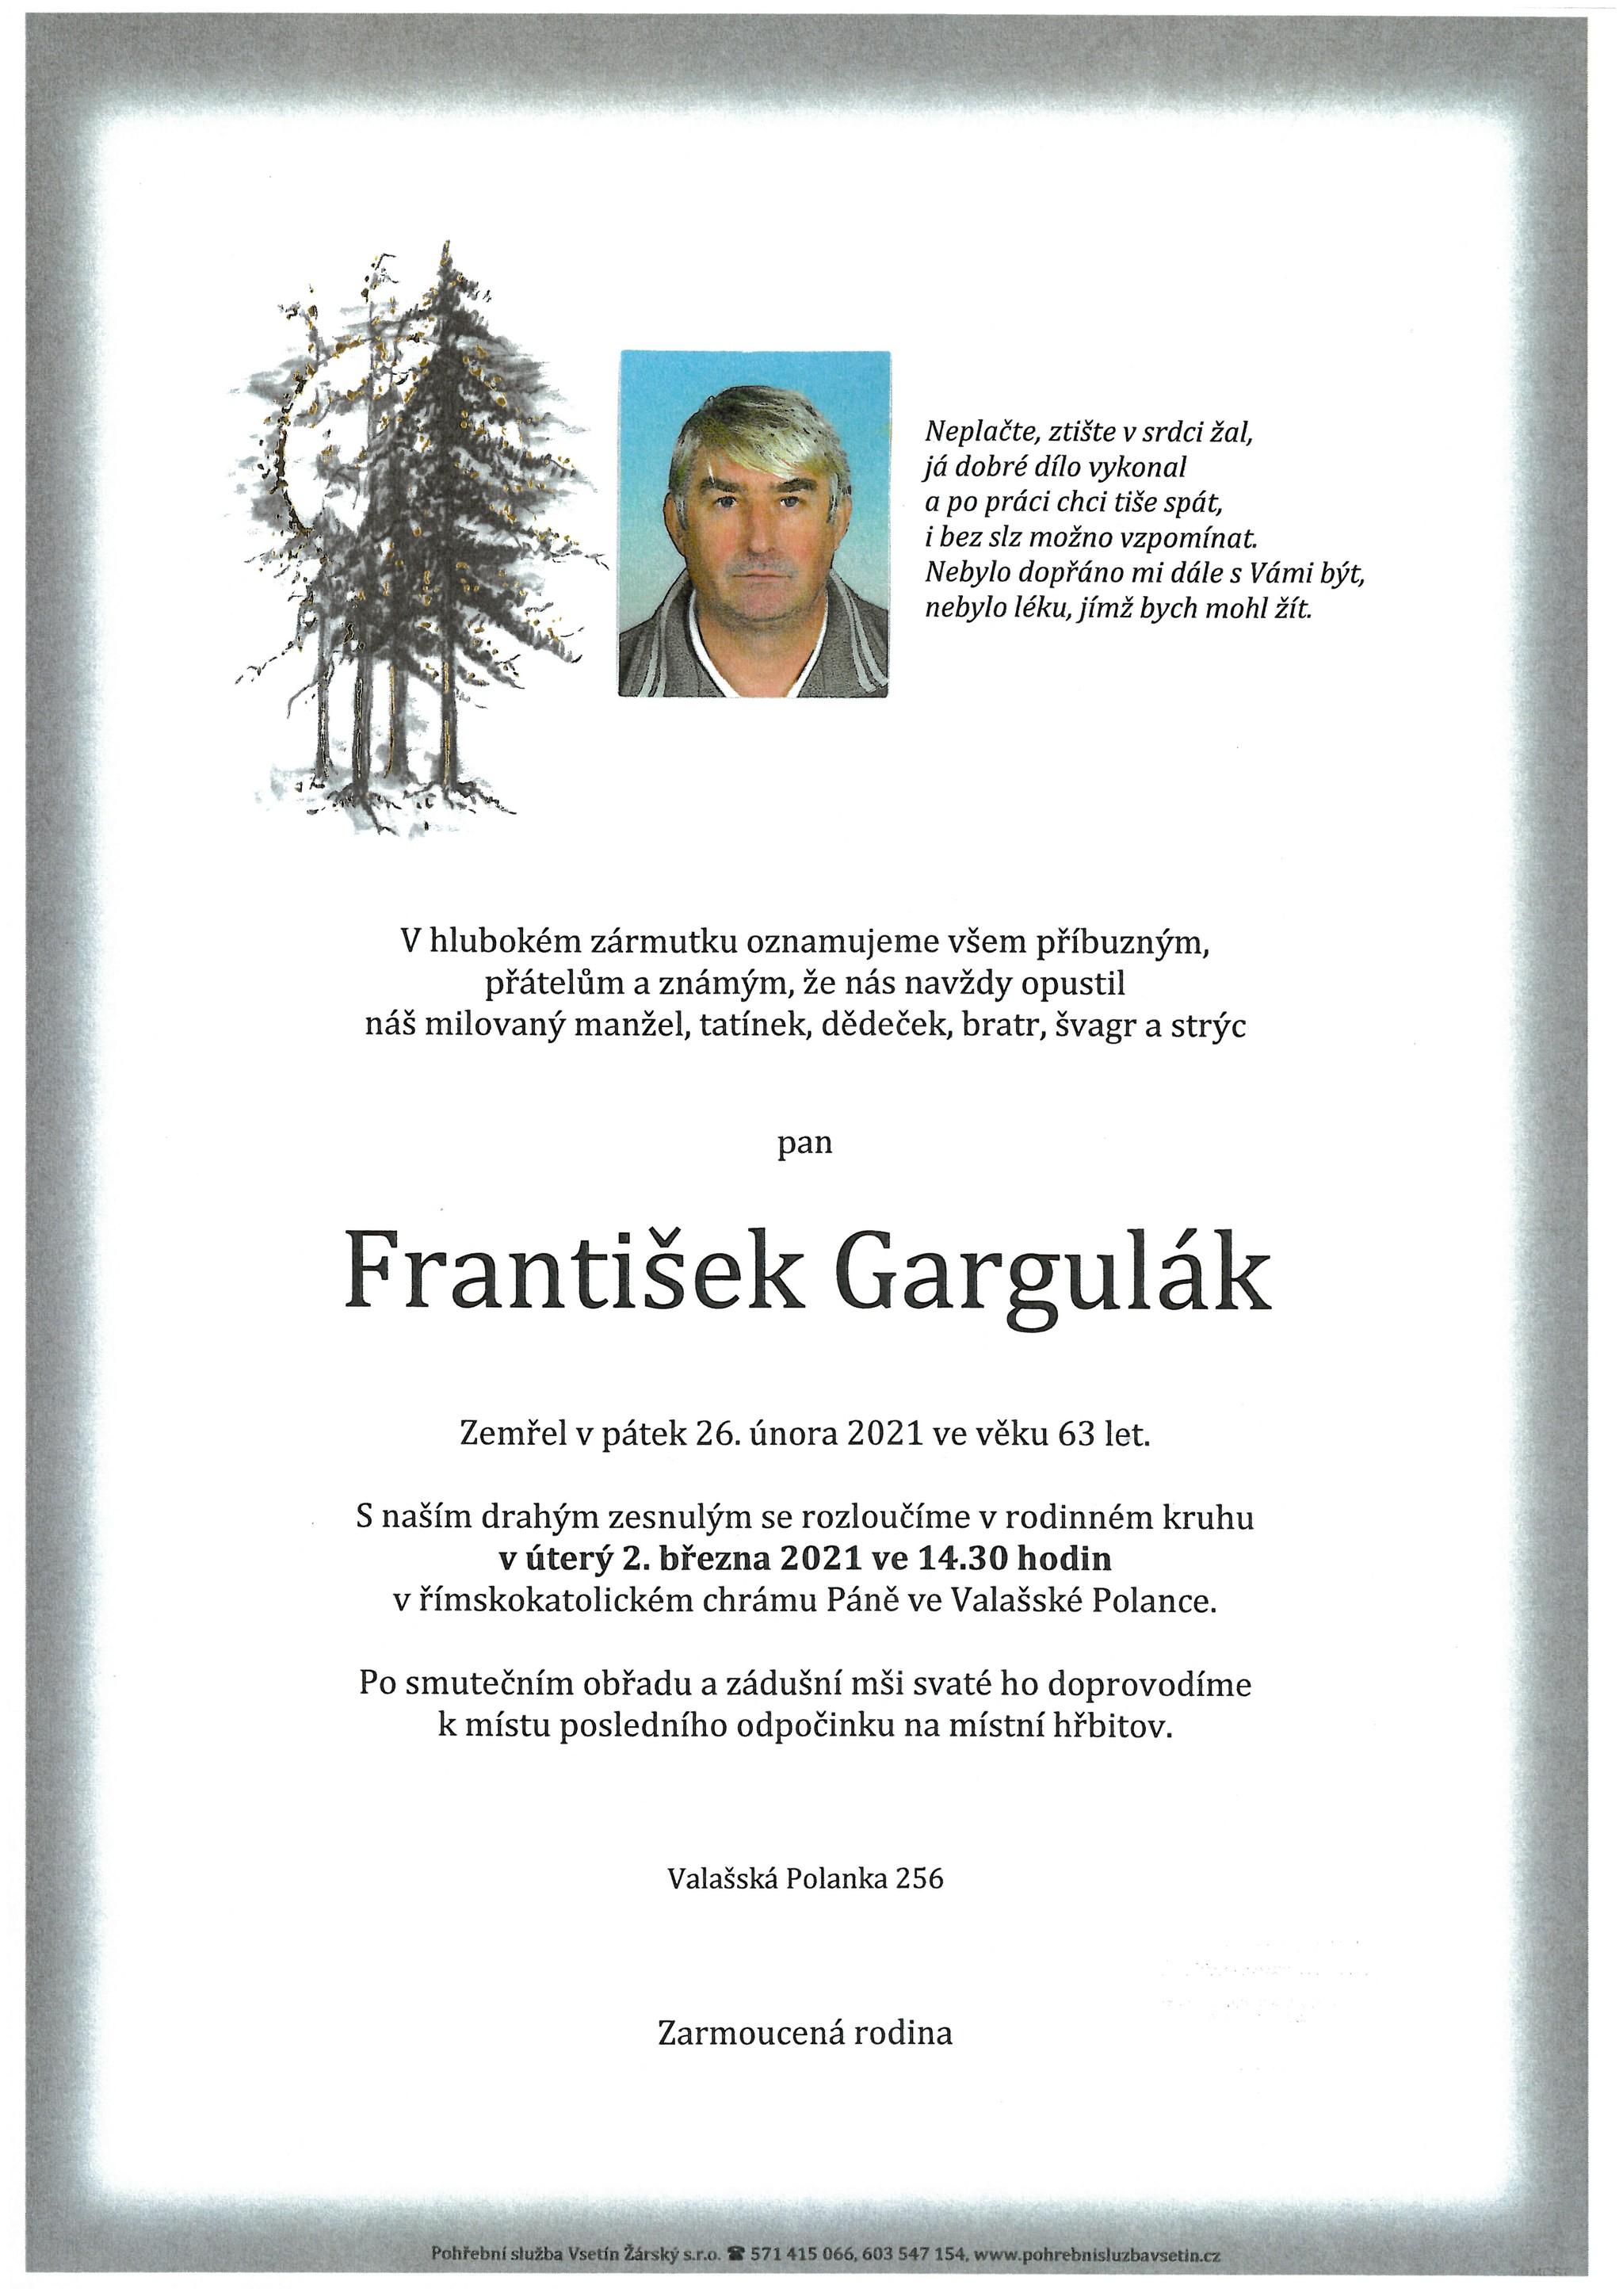 František Gargulák